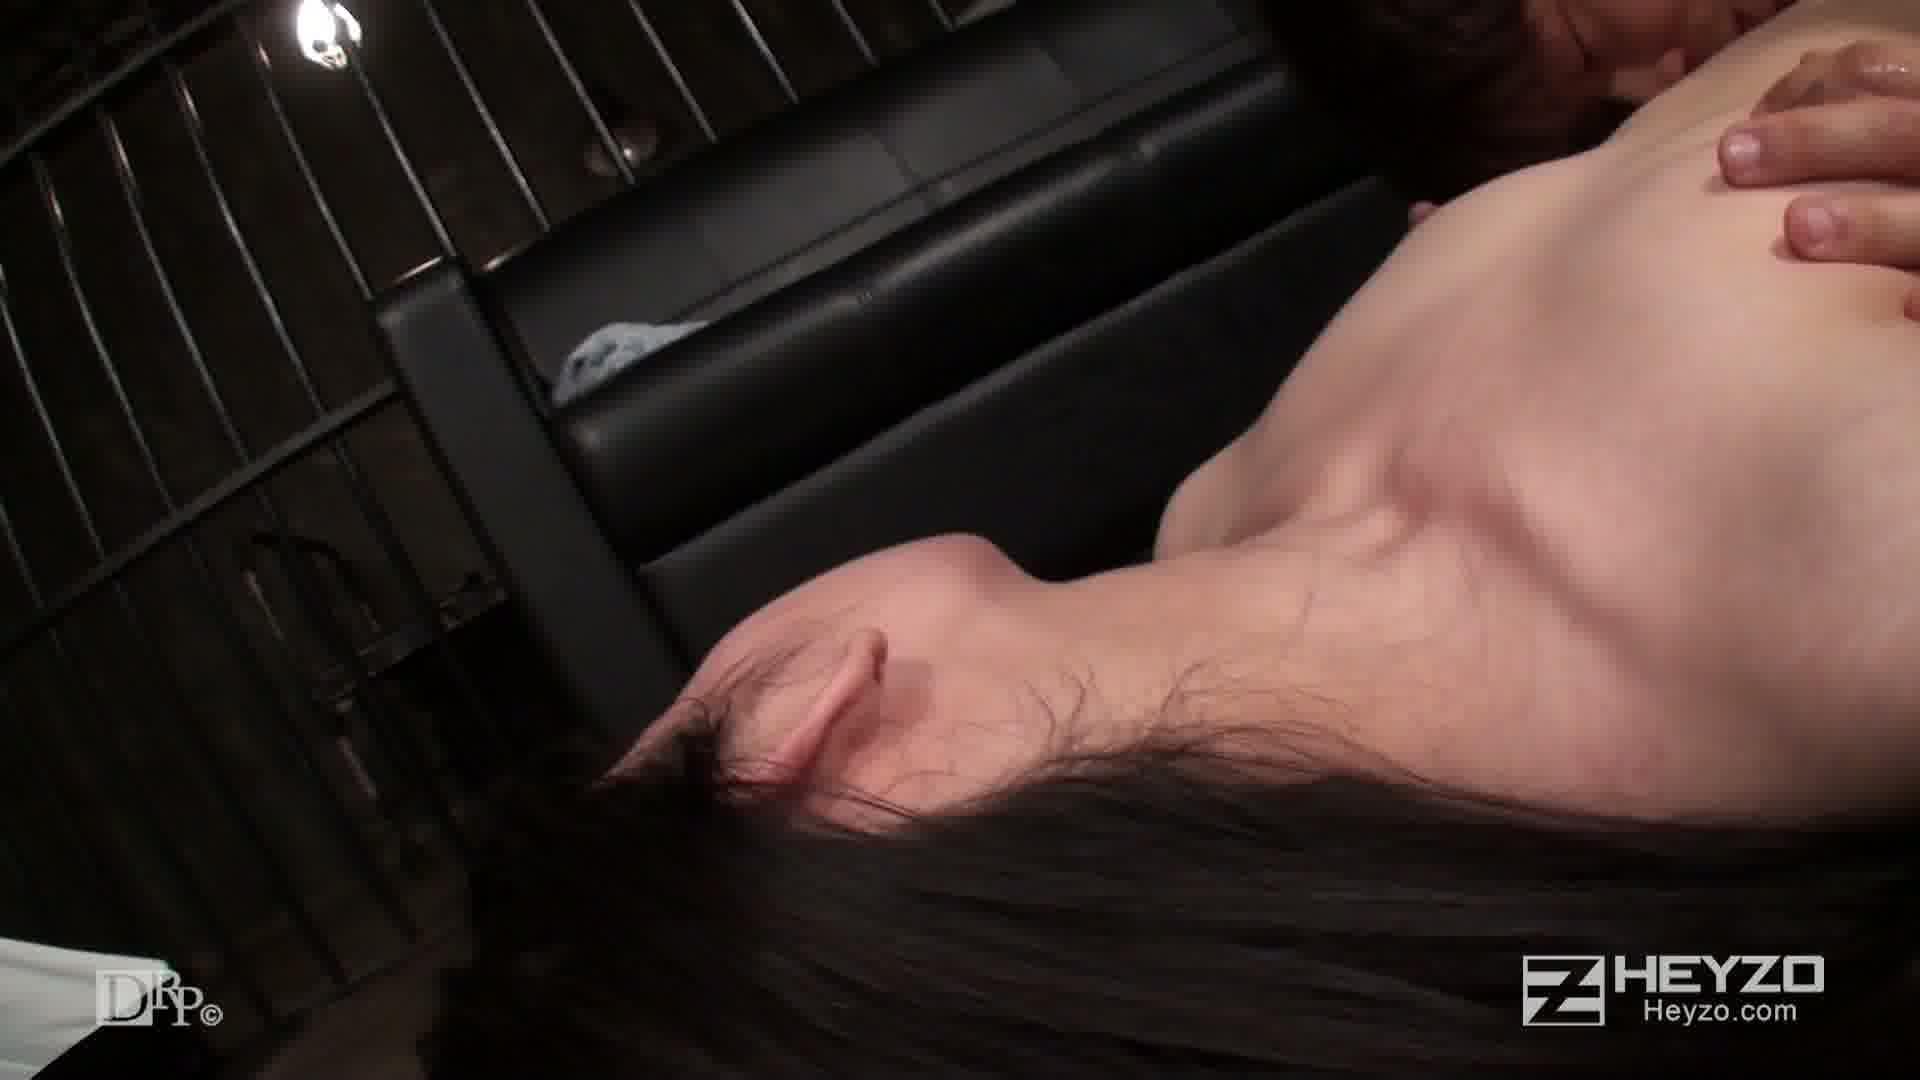 モデル撮影会で元カノにバッタリ遭遇 - しずか真央【背面座位 バック クンニ 正常位 側位 騎乗後背位 中だし】